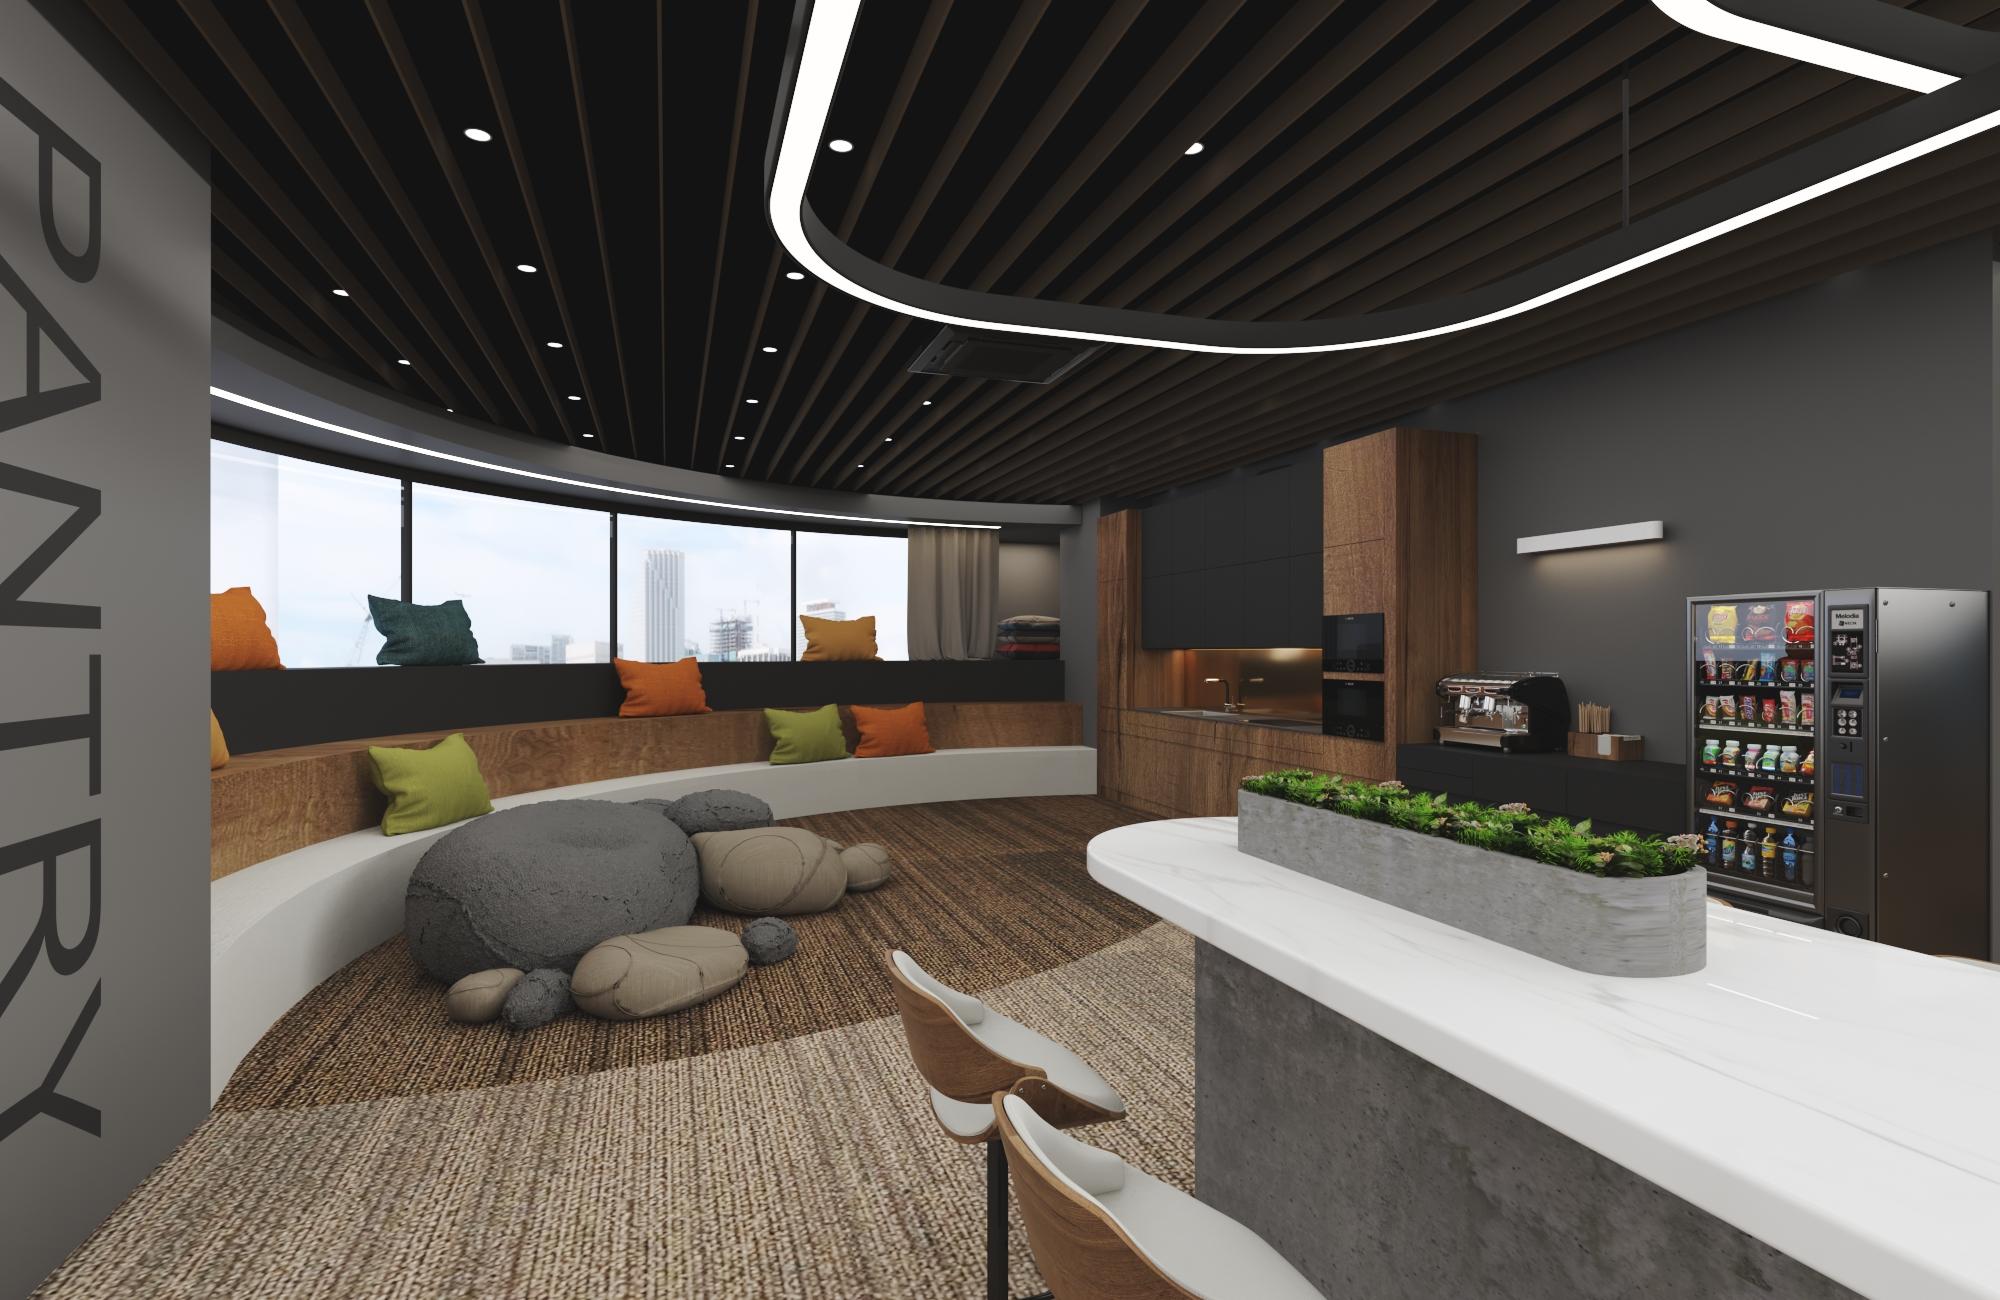 Thiết kế nội thất Văn Phòng tại Hồ Chí Minh VĂN PHÒNG CÔNG TY KIẾN TRÚC VÀ NỘI THẤT NHÀ XINH 1594800457 7